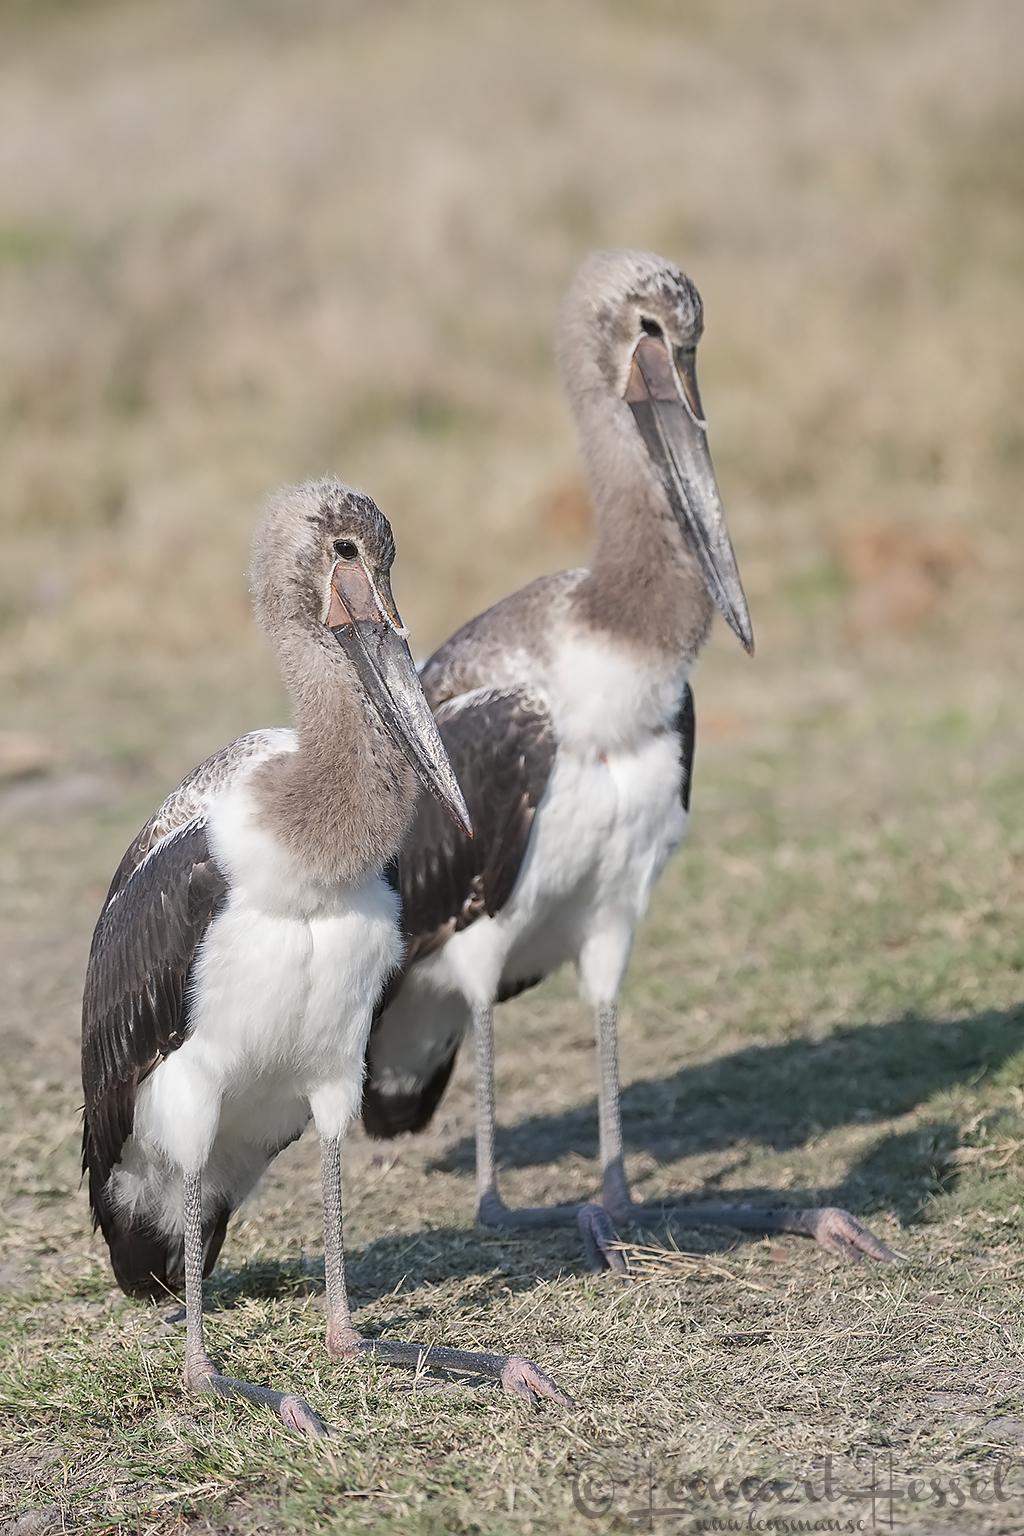 Juvenile Saddle-billed Storks in Khwai Community Area, Botswana